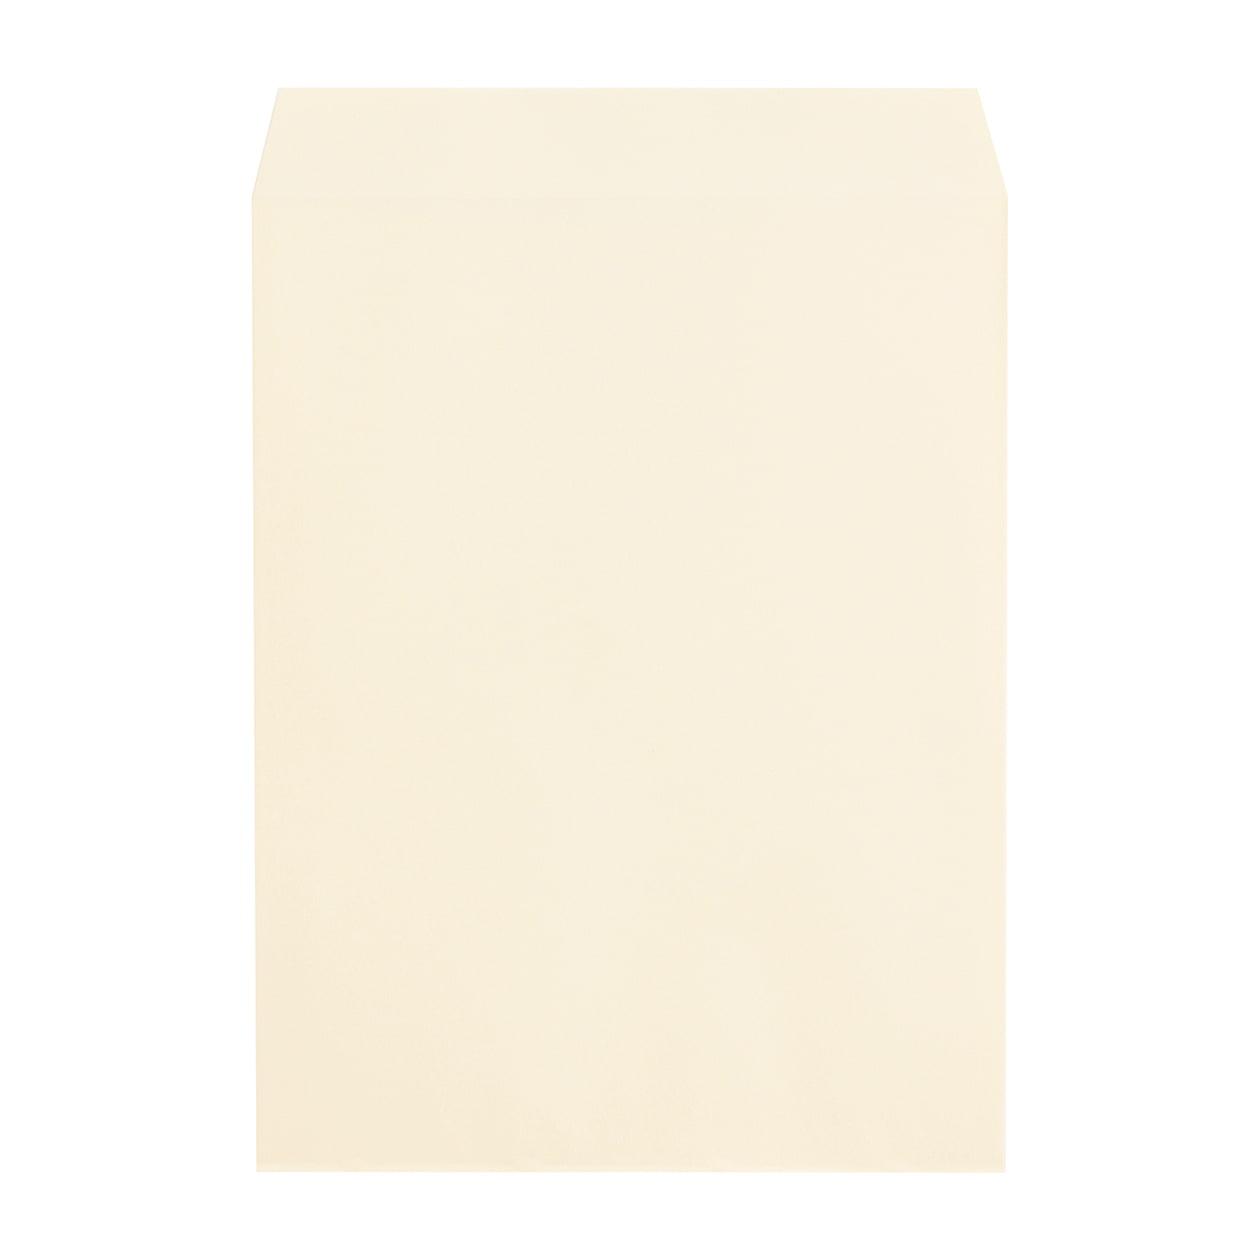 角3封筒 コットン ナチュラル 116.3g